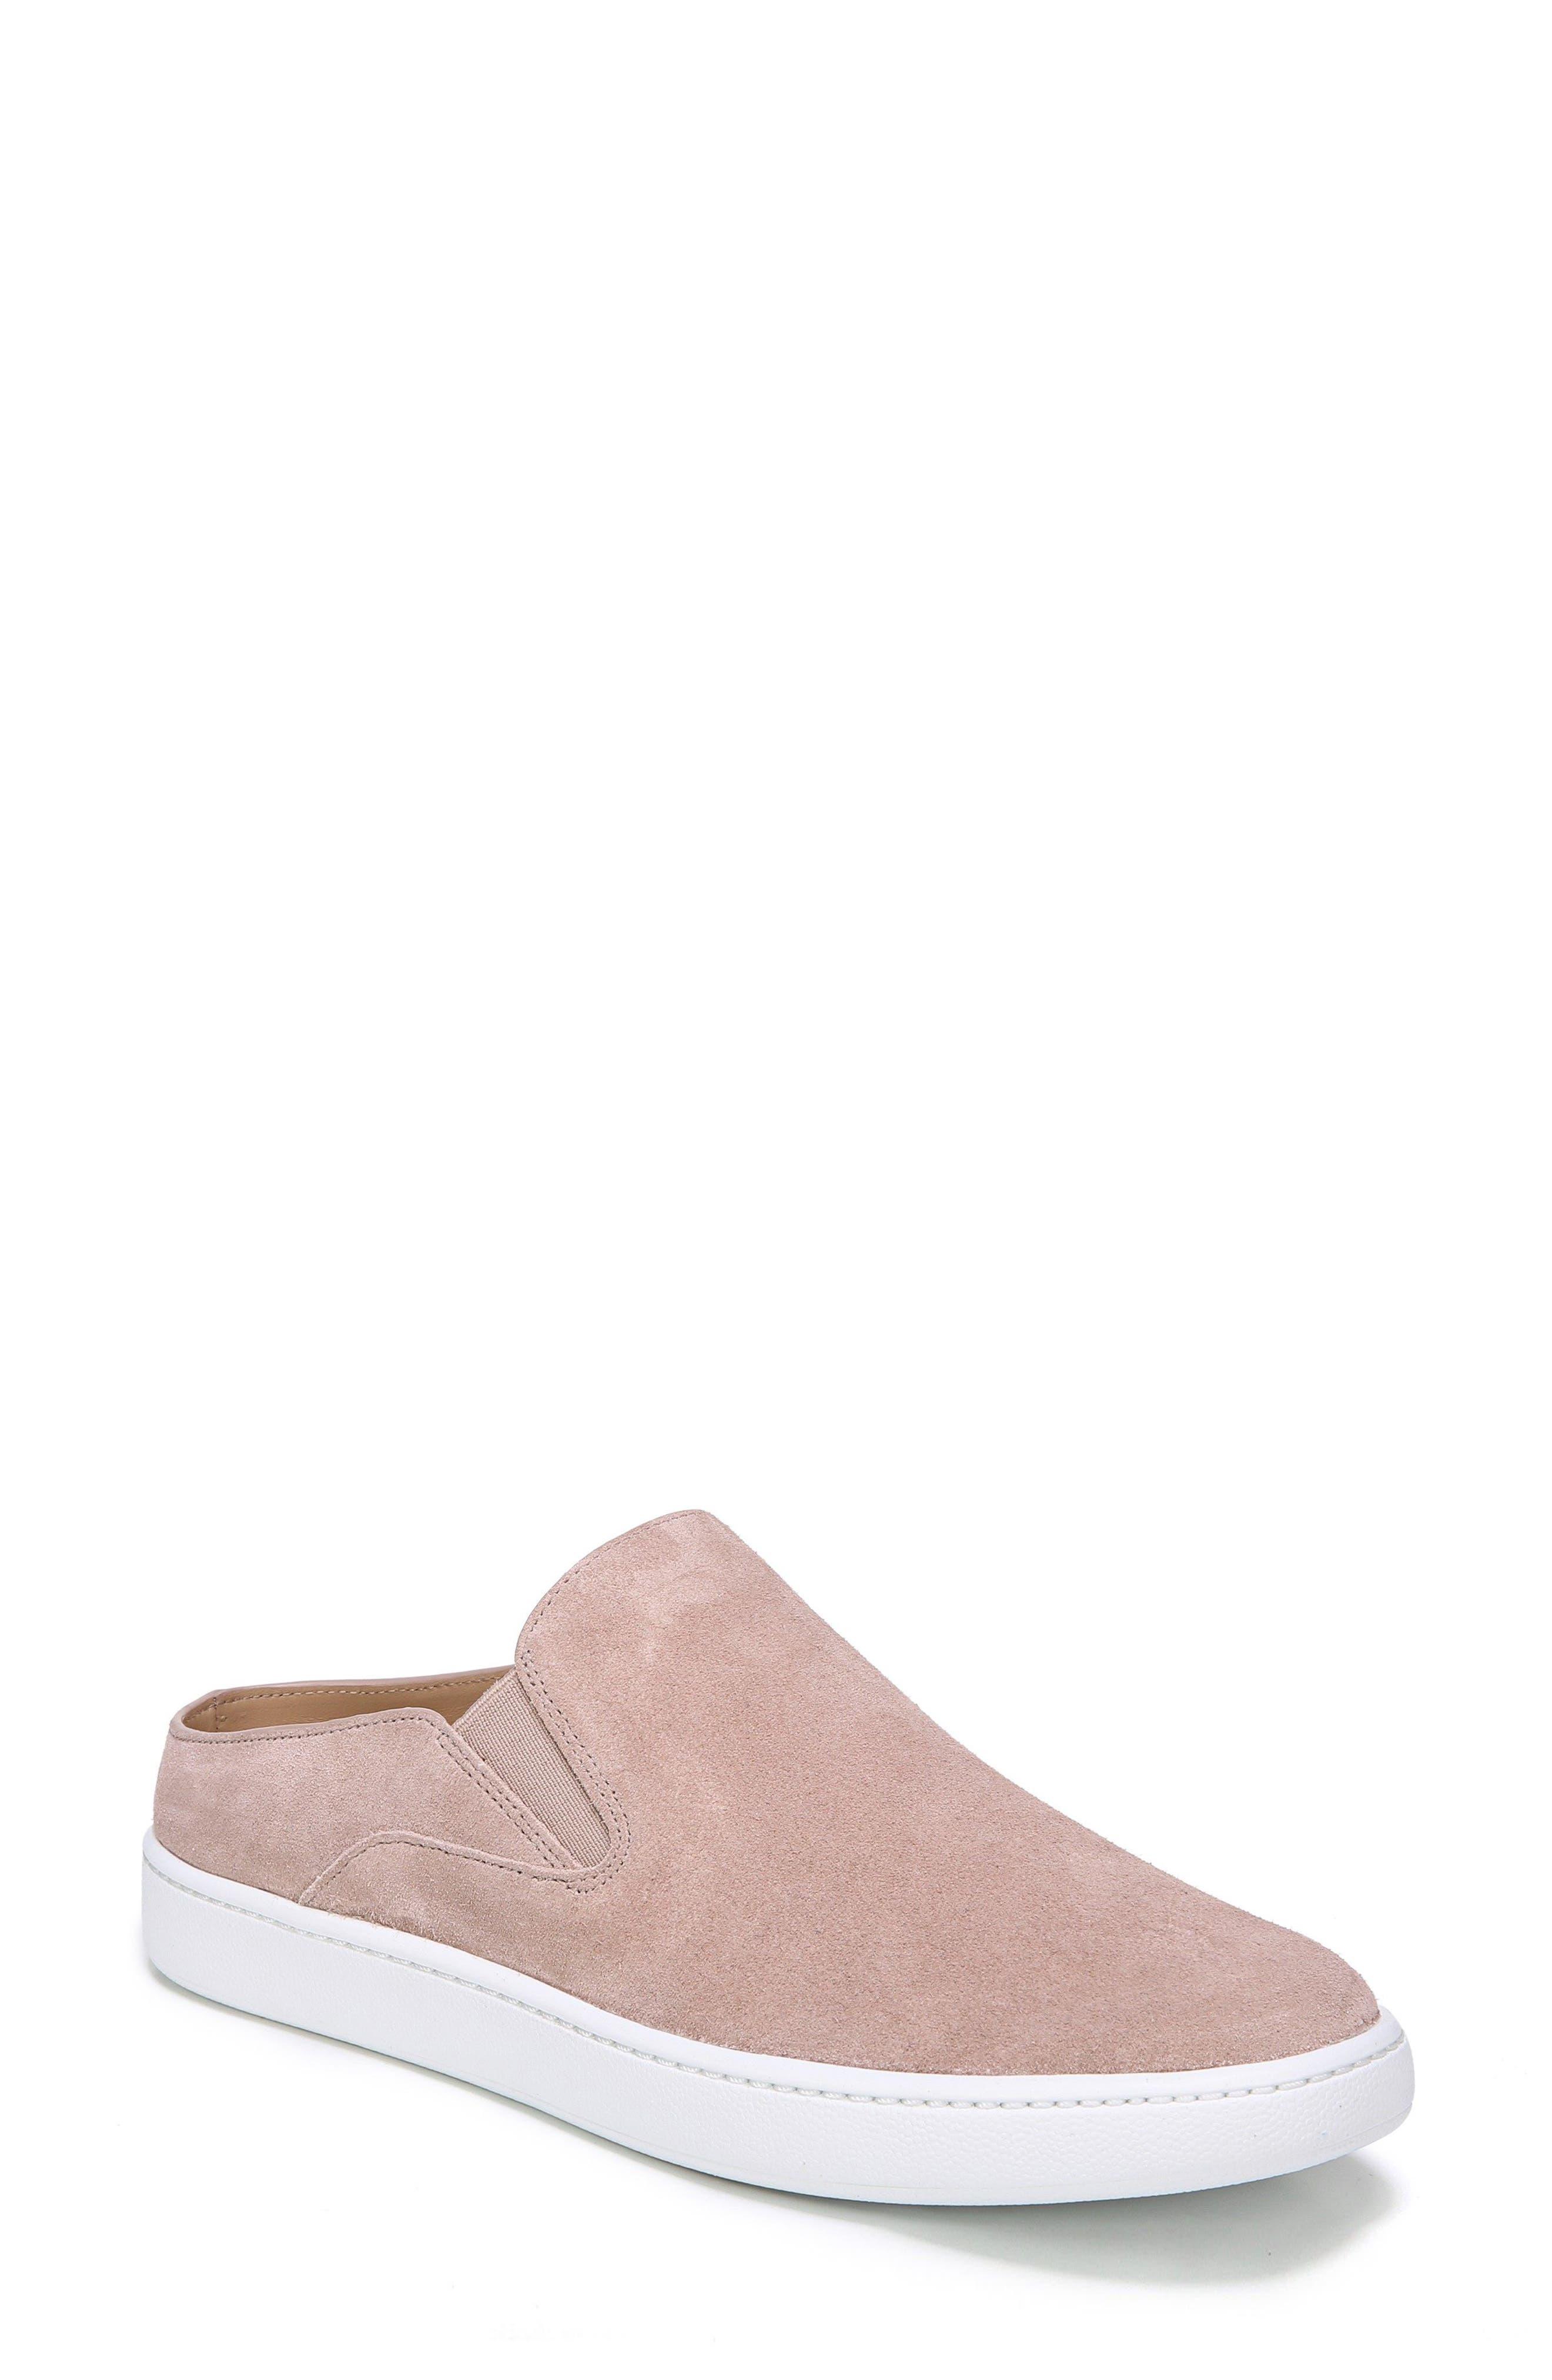 Verrell Slip-On Sneaker,                             Main thumbnail 1, color,                             023